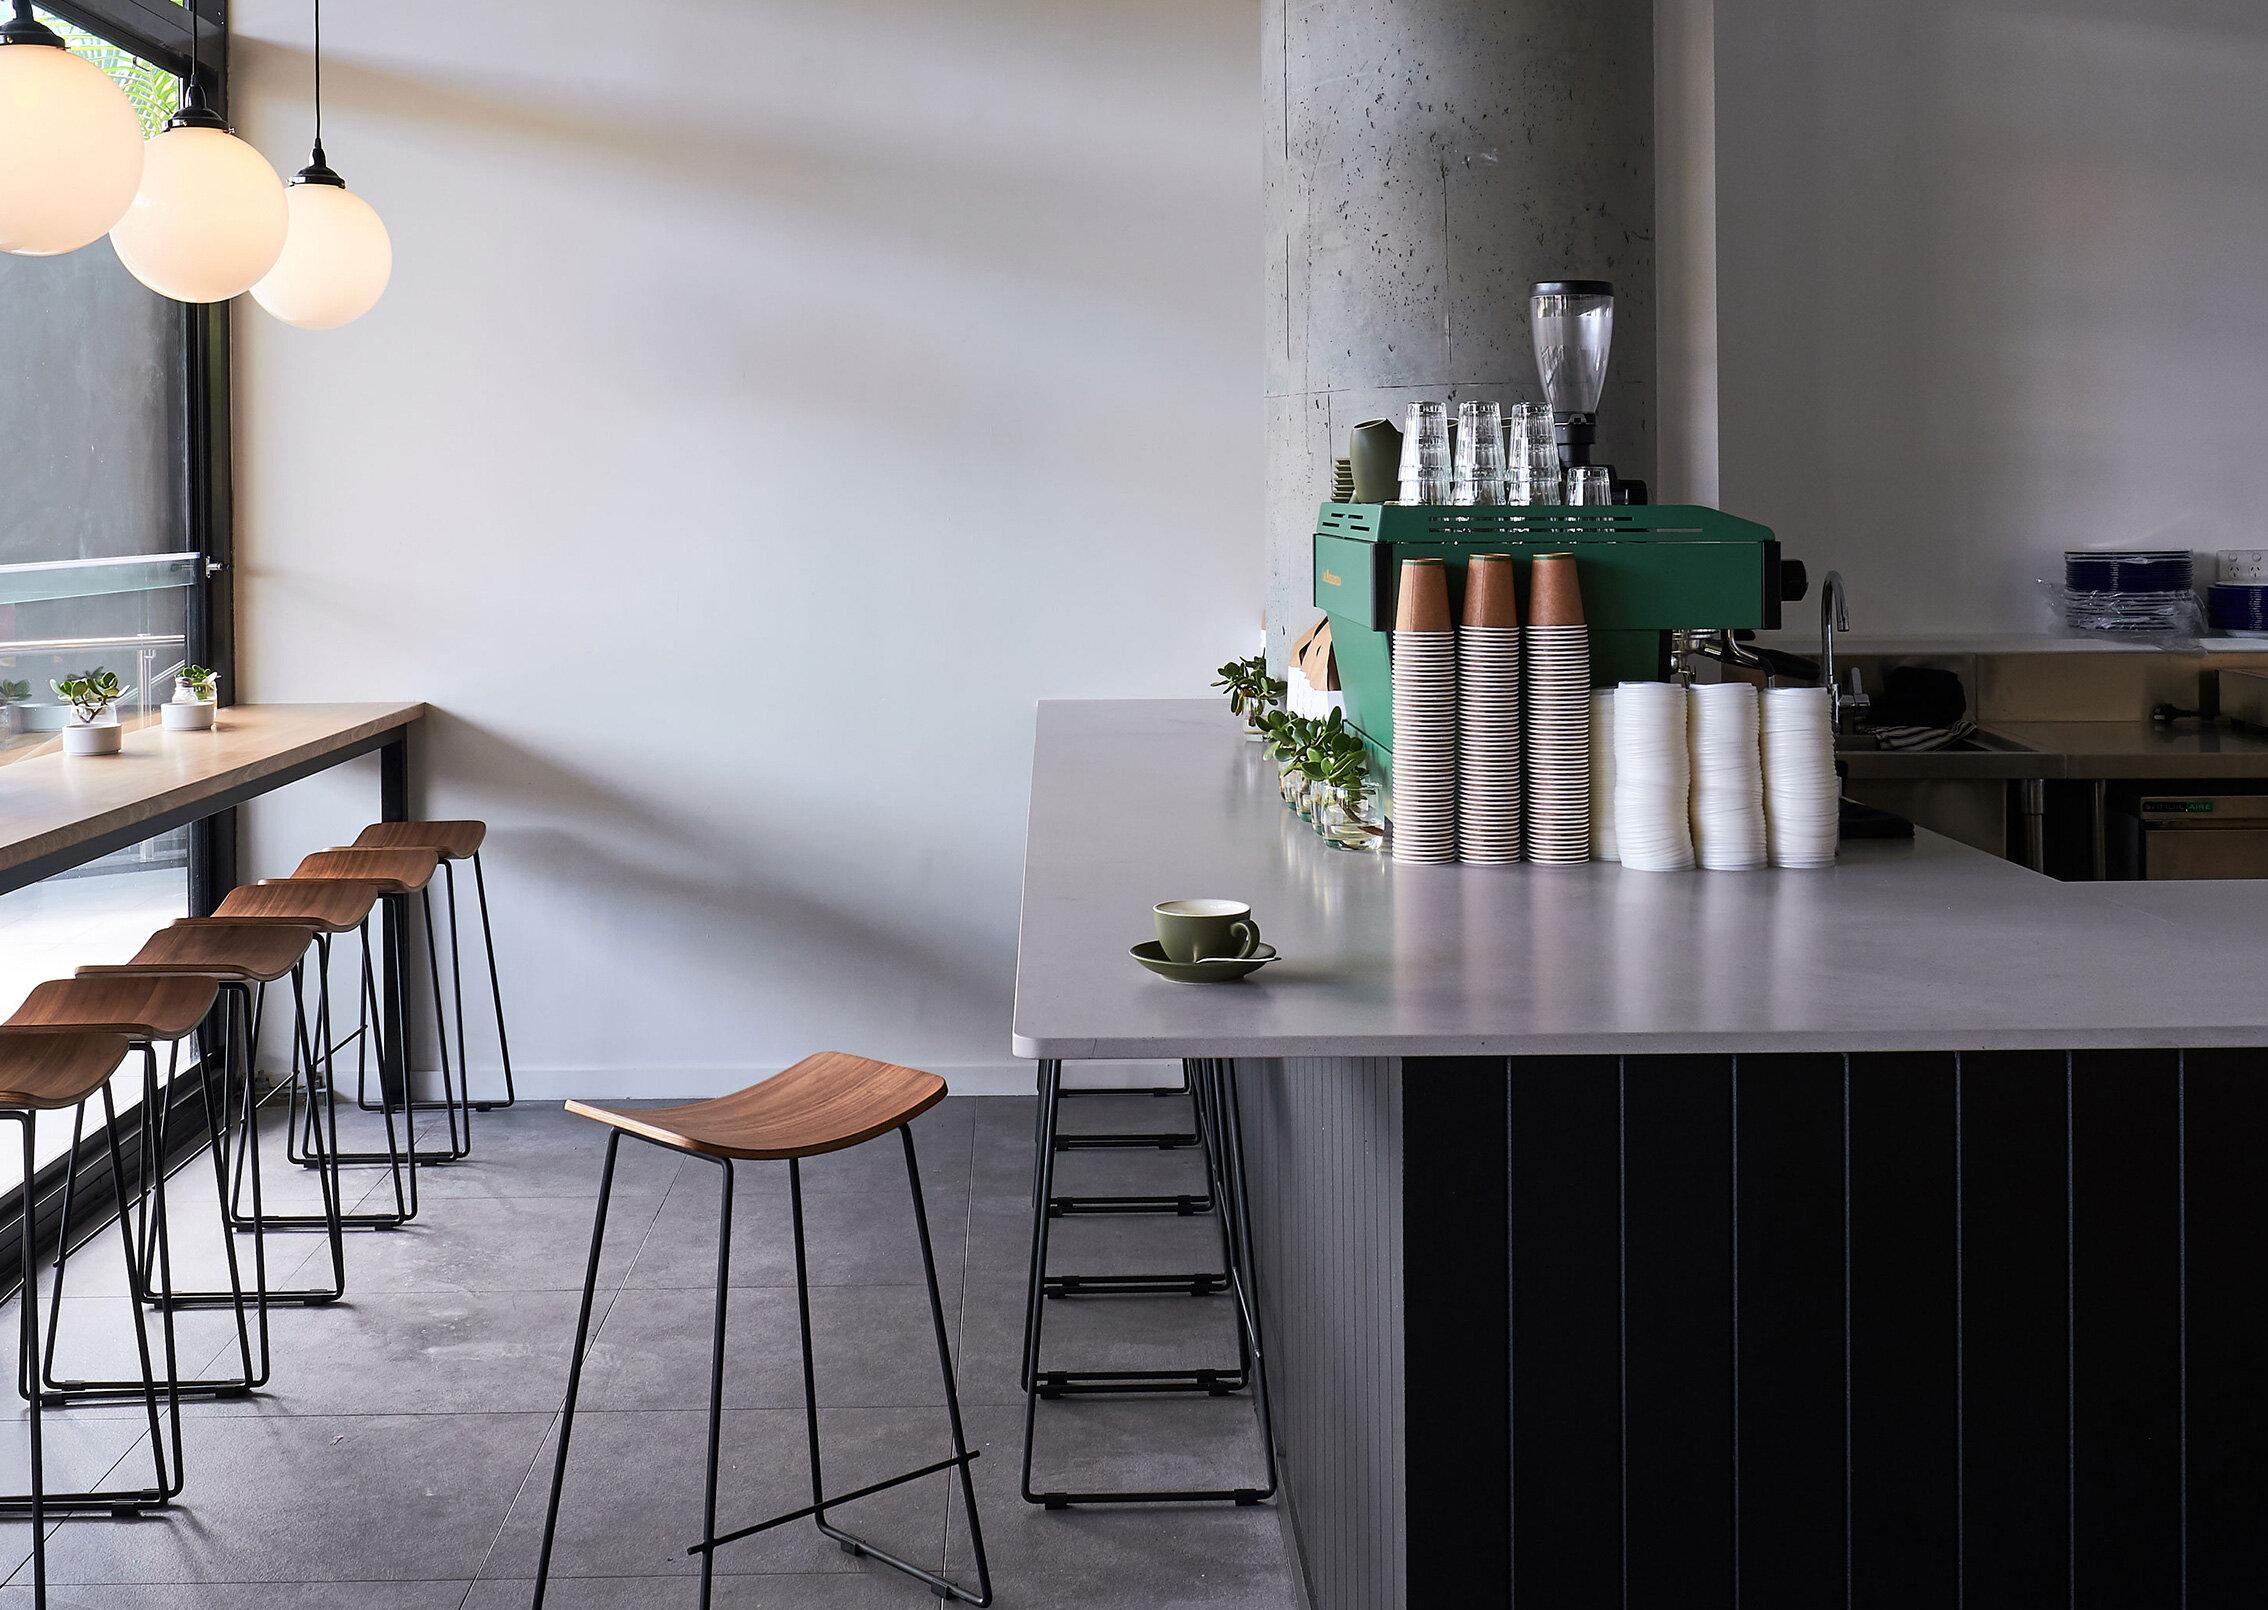 Kaldi Cafe + Bar